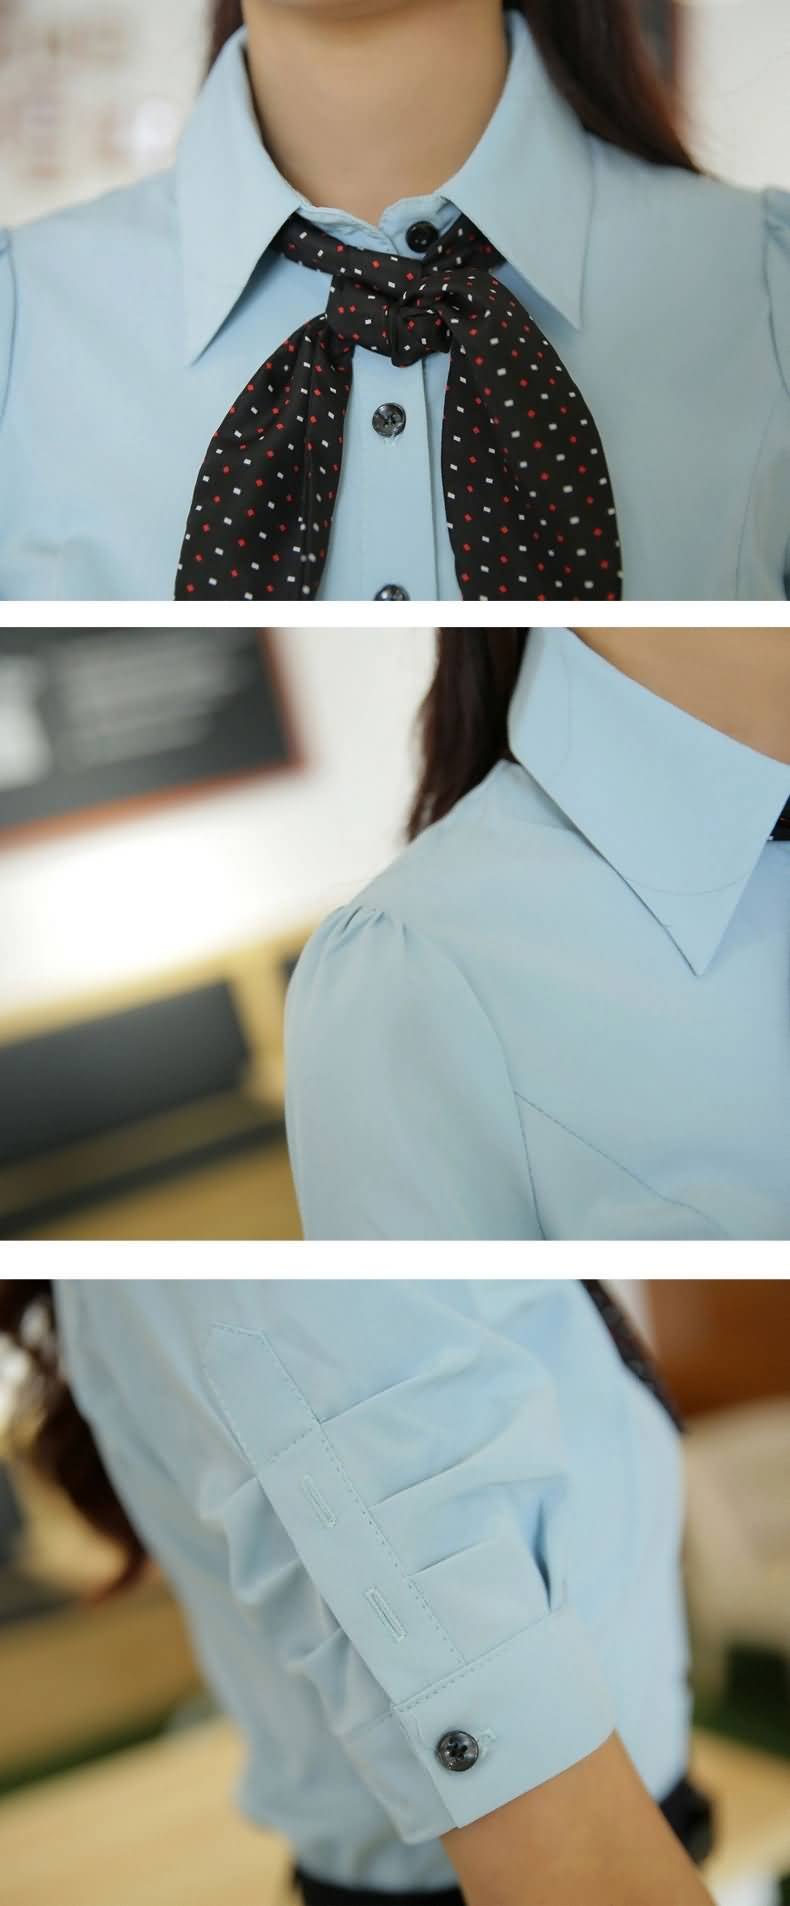 蓝色女式泡泡袖衬衫细节图片